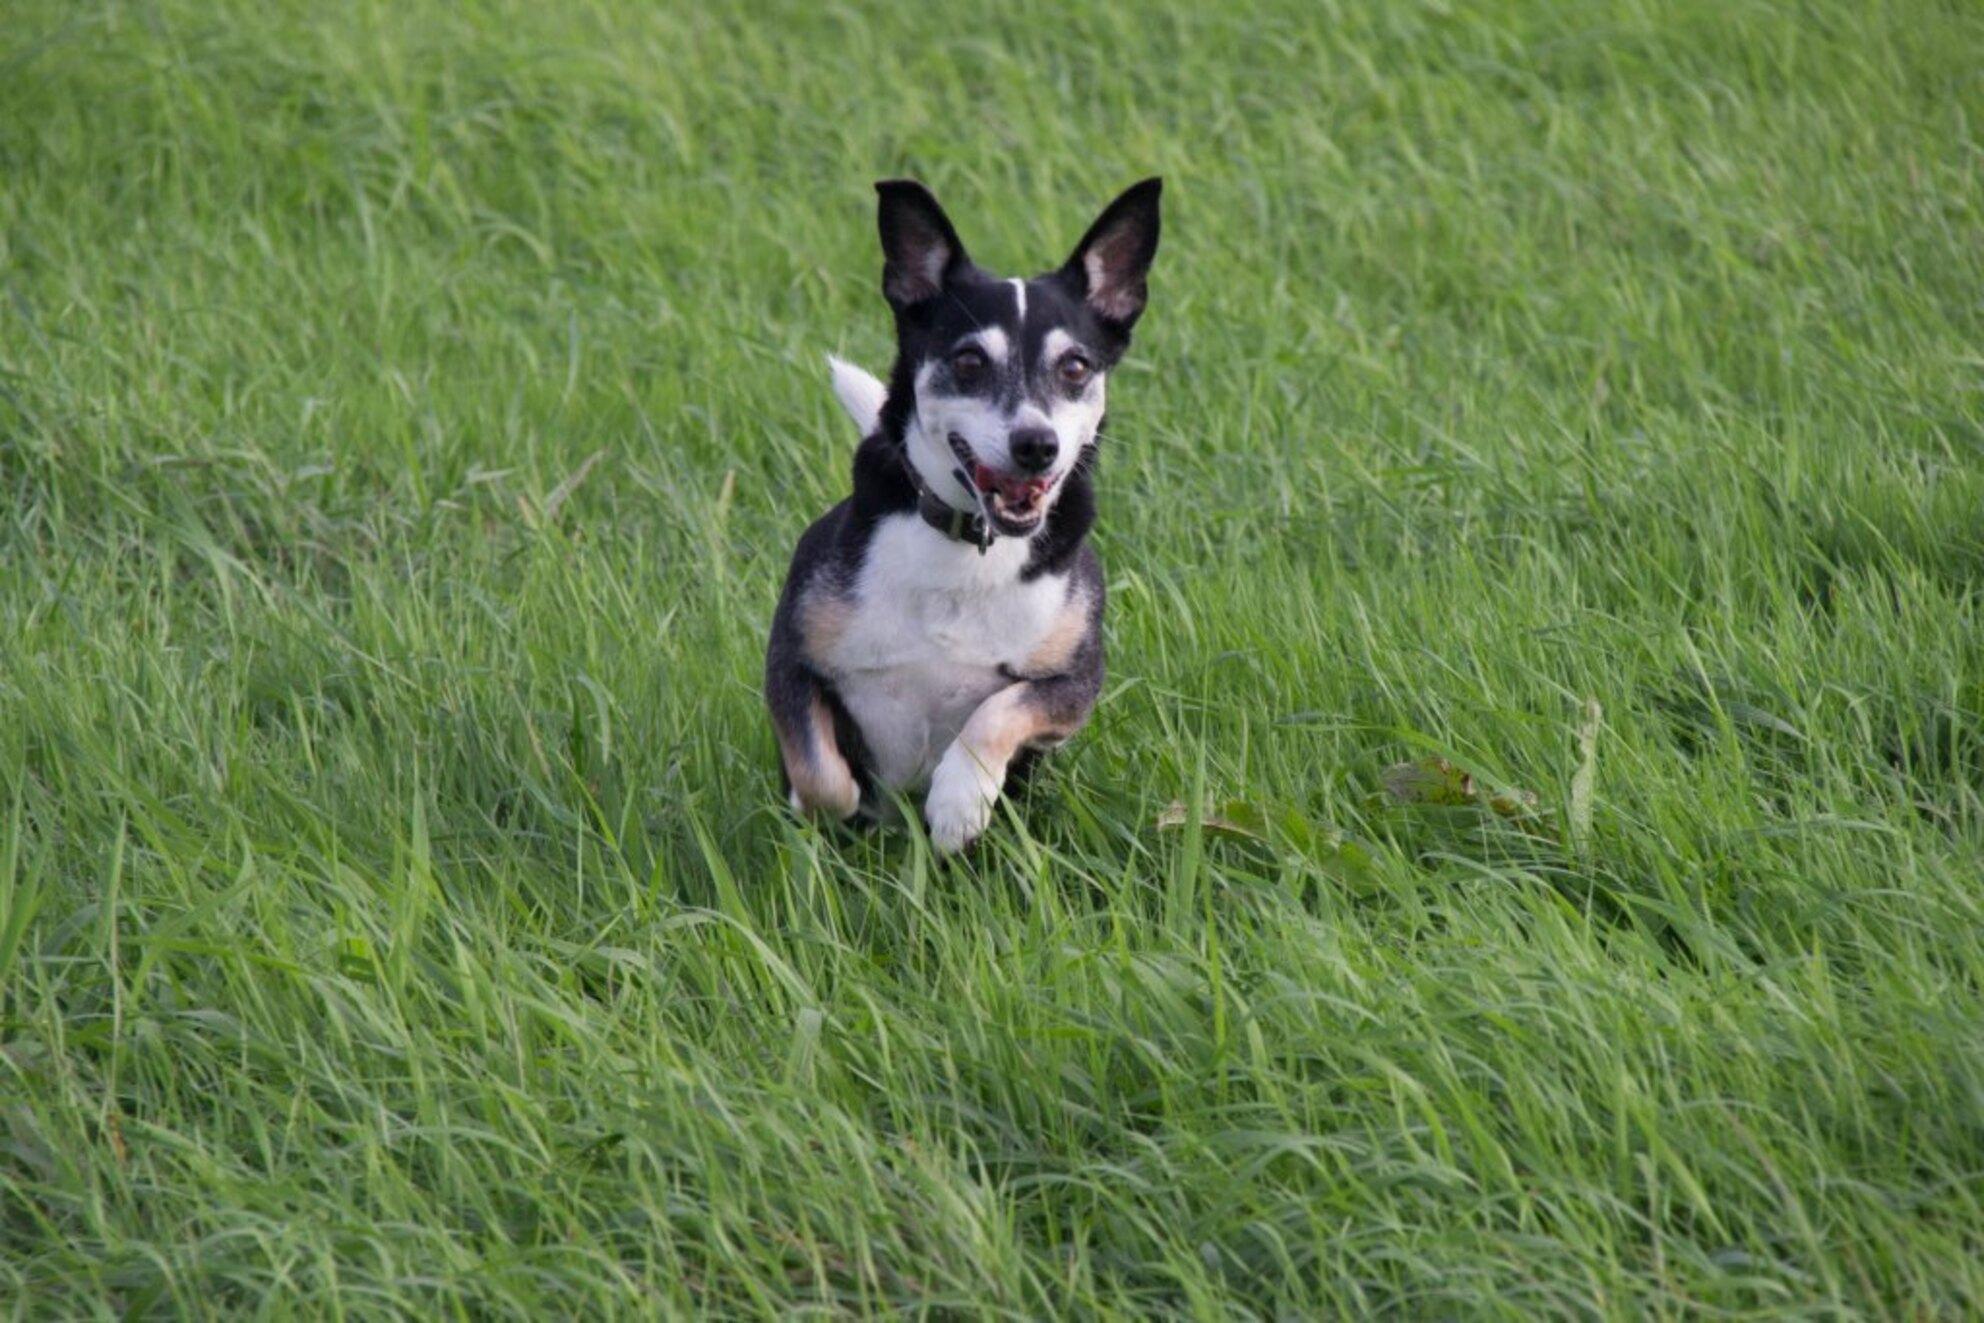 Speelse hond - Deze hond is al twaalf, maar als je haar zo ziet rennen...het is net als een speelse pup. - foto door liyensiaw op 26-09-2013 - deze foto bevat: gras, hond, pup, speels - Deze foto mag gebruikt worden in een Zoom.nl publicatie